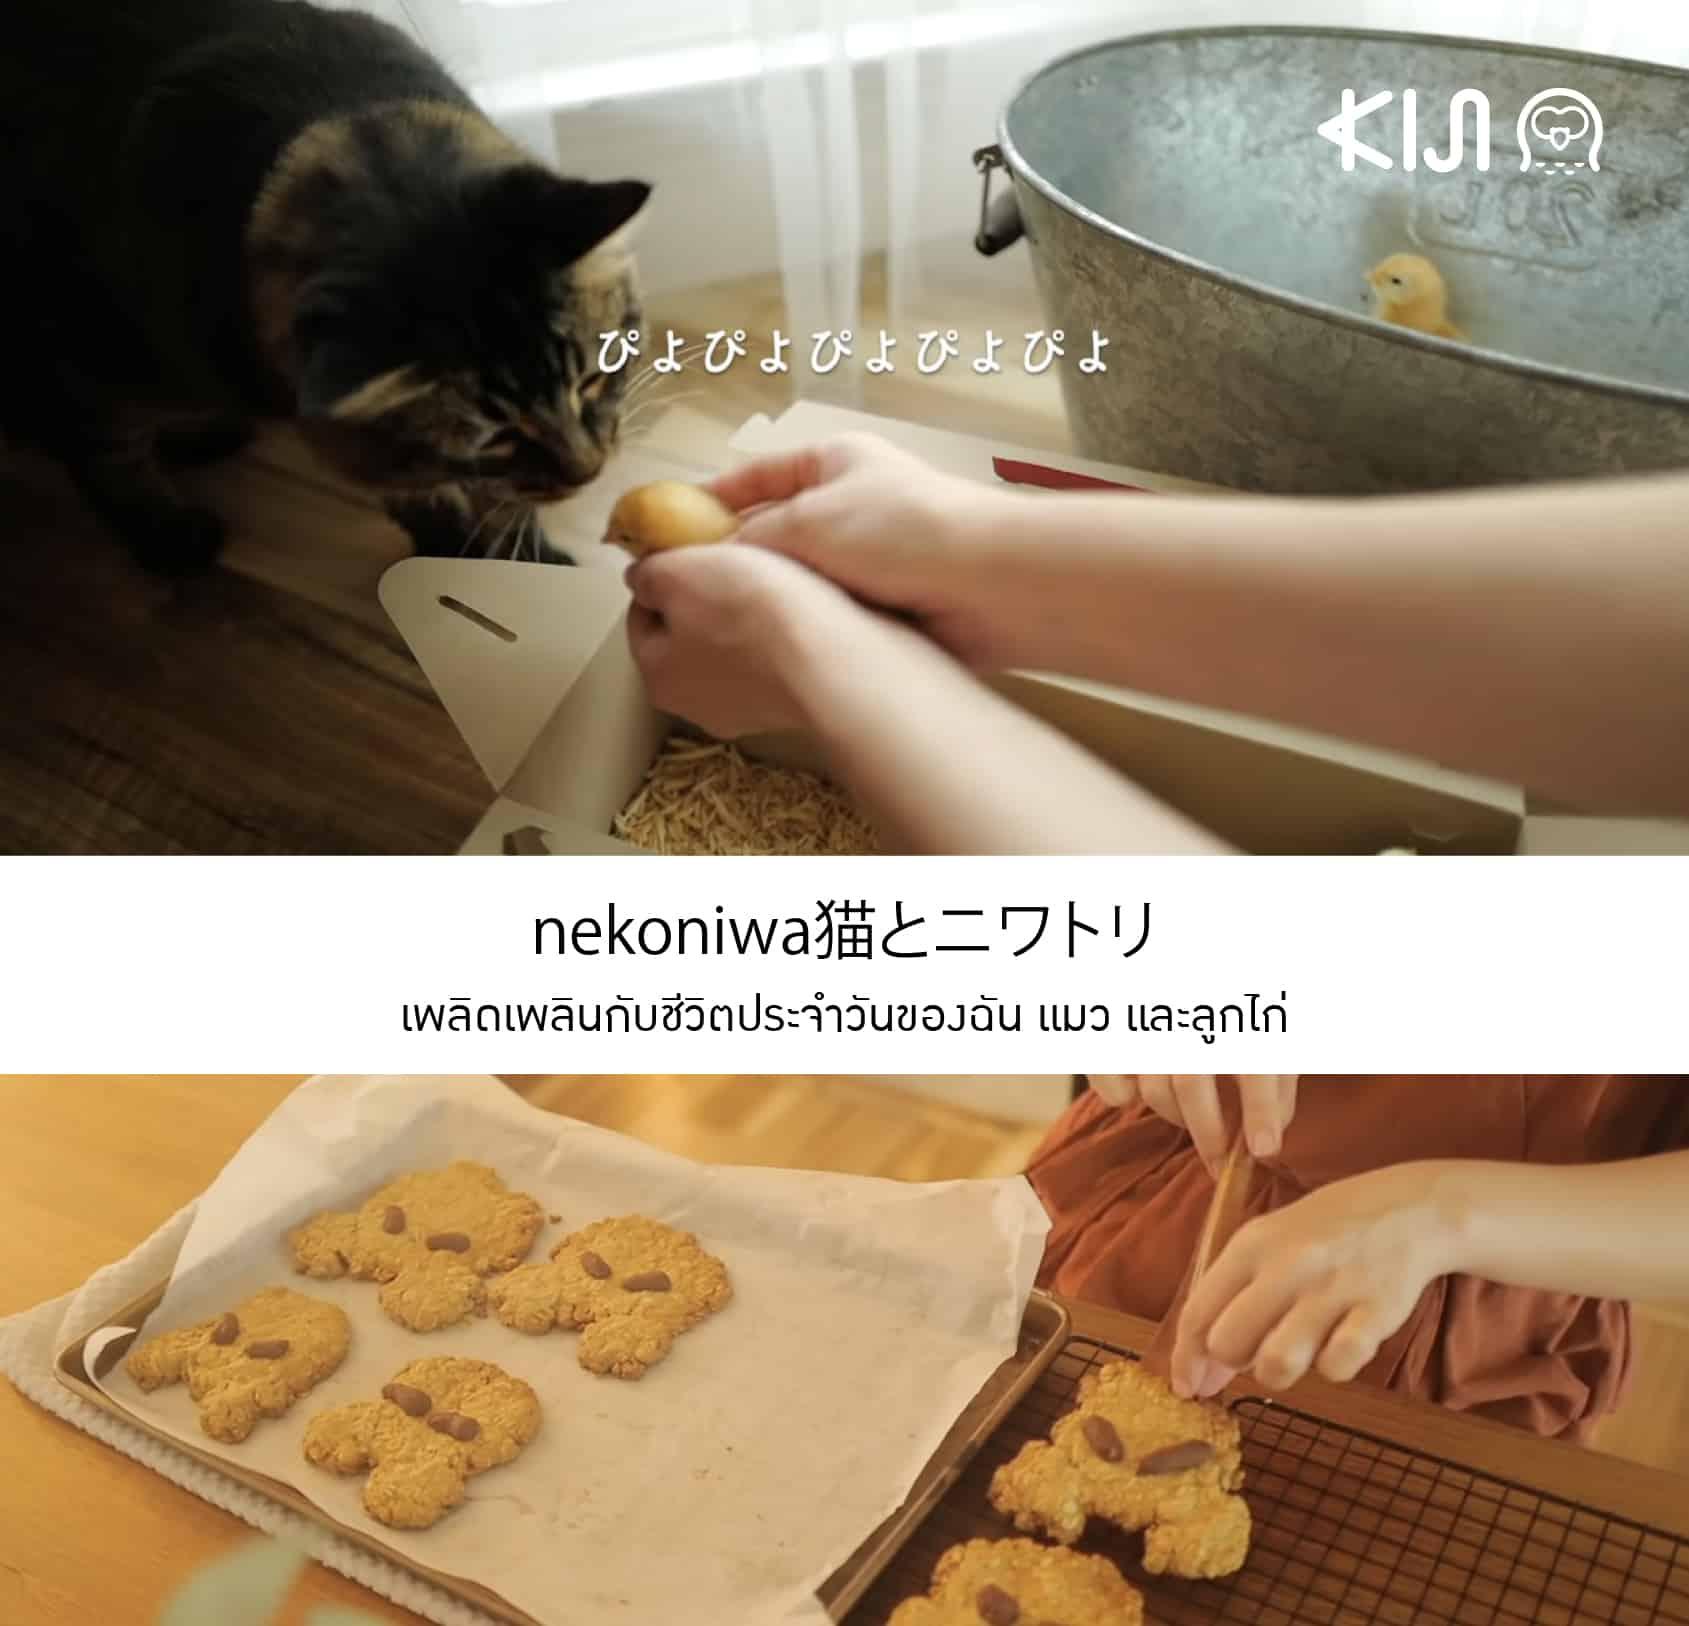 ยูทูปเบอร์ญี่ปุ่น ที่จะชวนคุณเพลิดเพลินไปกับชีวิตประจำวันของฉัน แมว และลูกไก่